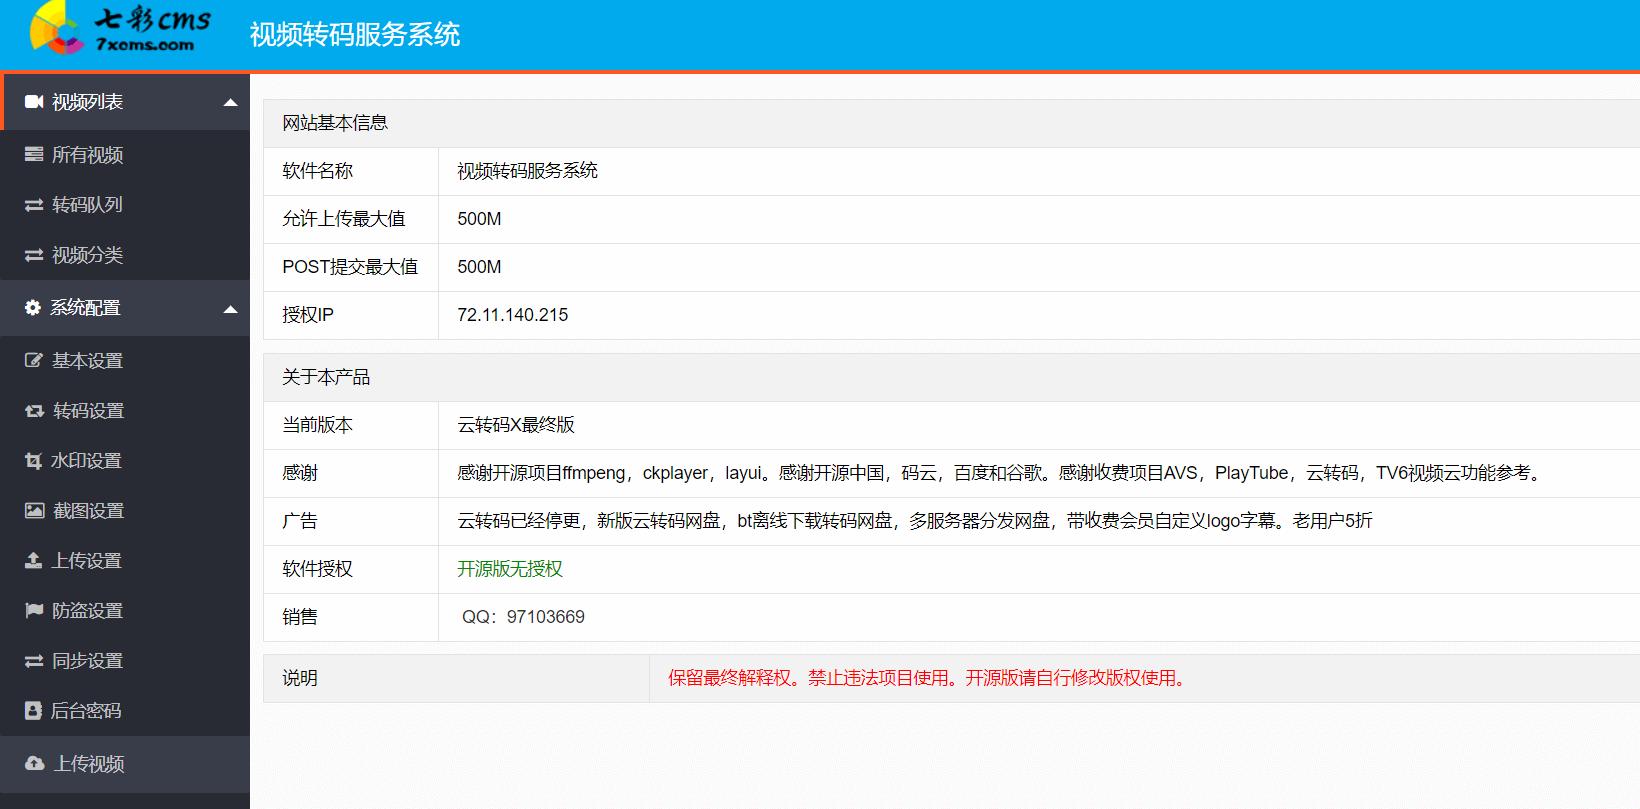 七彩CMS 2019云转码完全开源版本 程序源码带安装教程